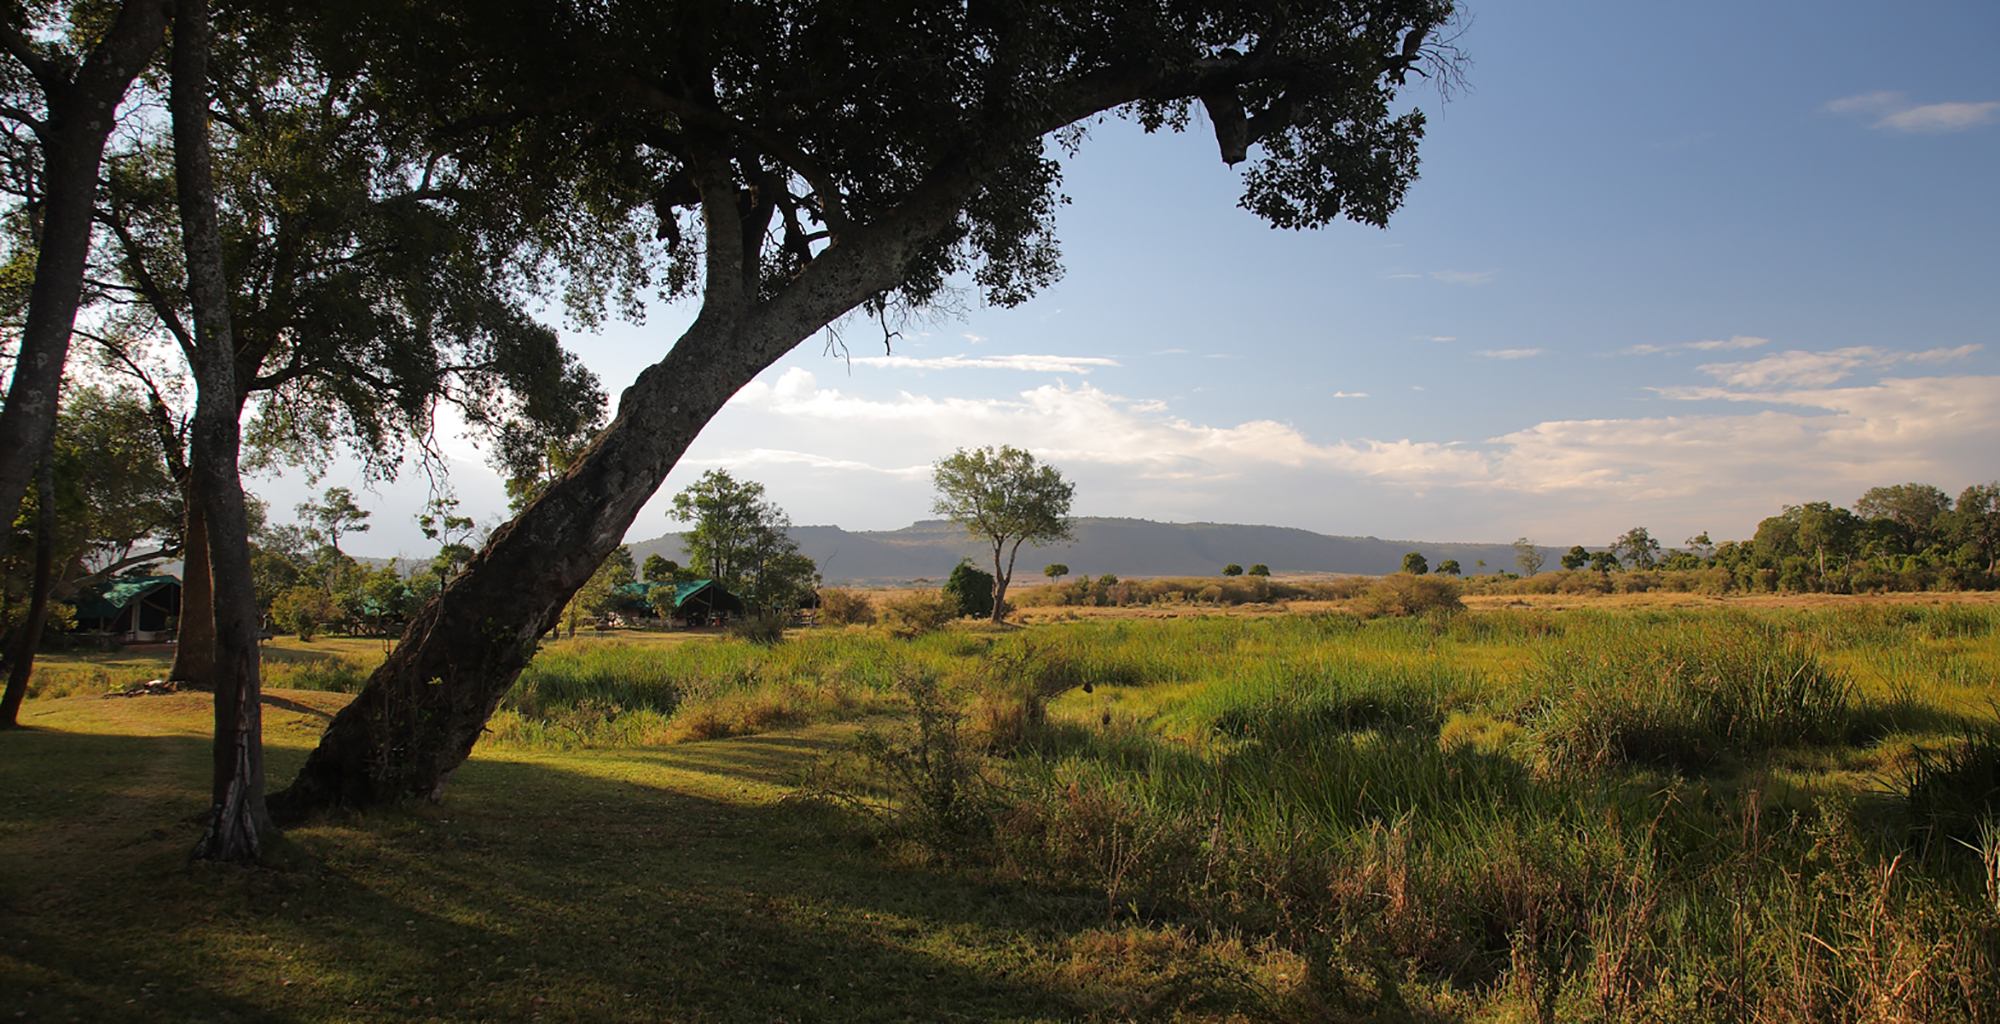 Kenya-Little-Governer's-Landscape